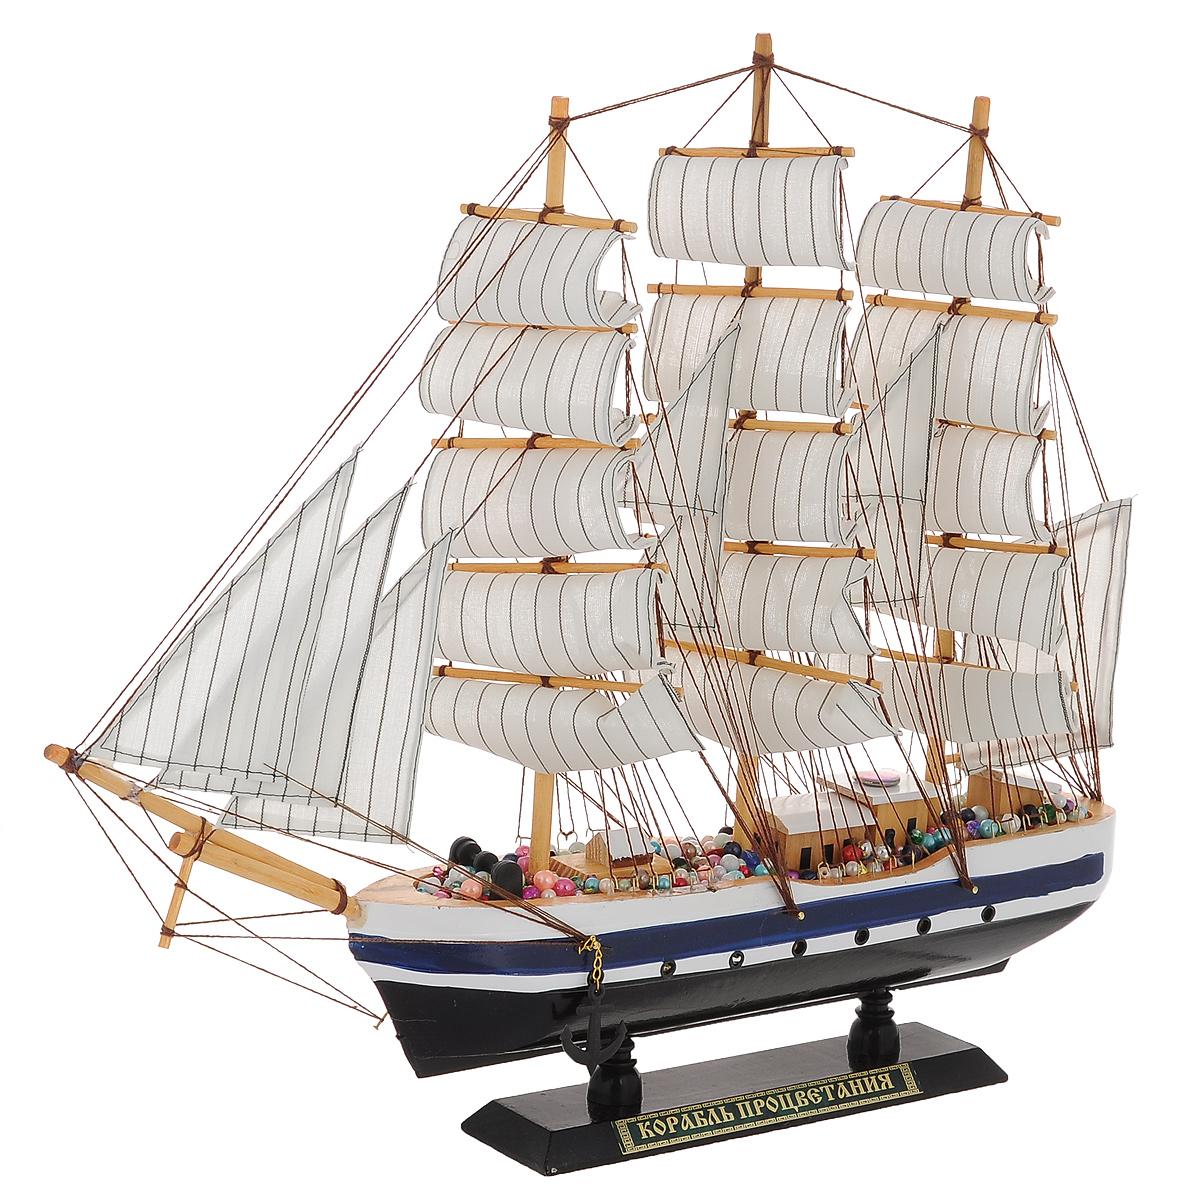 Корабль сувенирный Корабль процветания, длина 50 см08010103Сувенирный корабль Корабль процветания, изготовленный из дерева, металла и текстиля, это великолепный элемент декора рабочей зоны в офисе или кабинете. Корабль с парусами и якорями помещен на деревянную подставку. Палуба корабля украшена разноцветными бусинами. Время идет, и мы становимся свидетелями развития технического прогресса, новых учений и практик. Но одно не подвластно времени - это любовь человека к морю и кораблям. Сувенирный корабль наполнен историей и силой океанских вод. Данная модель кораблика станет отличным подарком для всех любителей морей, поклонников историй о покорении океанов и неизведанных земель. Модель корабля - подарок со смыслом. Издавна на Руси считалось, что корабли приносят удачу и везение. Поэтому их изображения, фигурки и точные копии всегда присутствовали в помещениях. Удивите себя и своих близких необычным презентом.Размер корабля (с учетом подставки): 50 см х 11 см х 44 см.